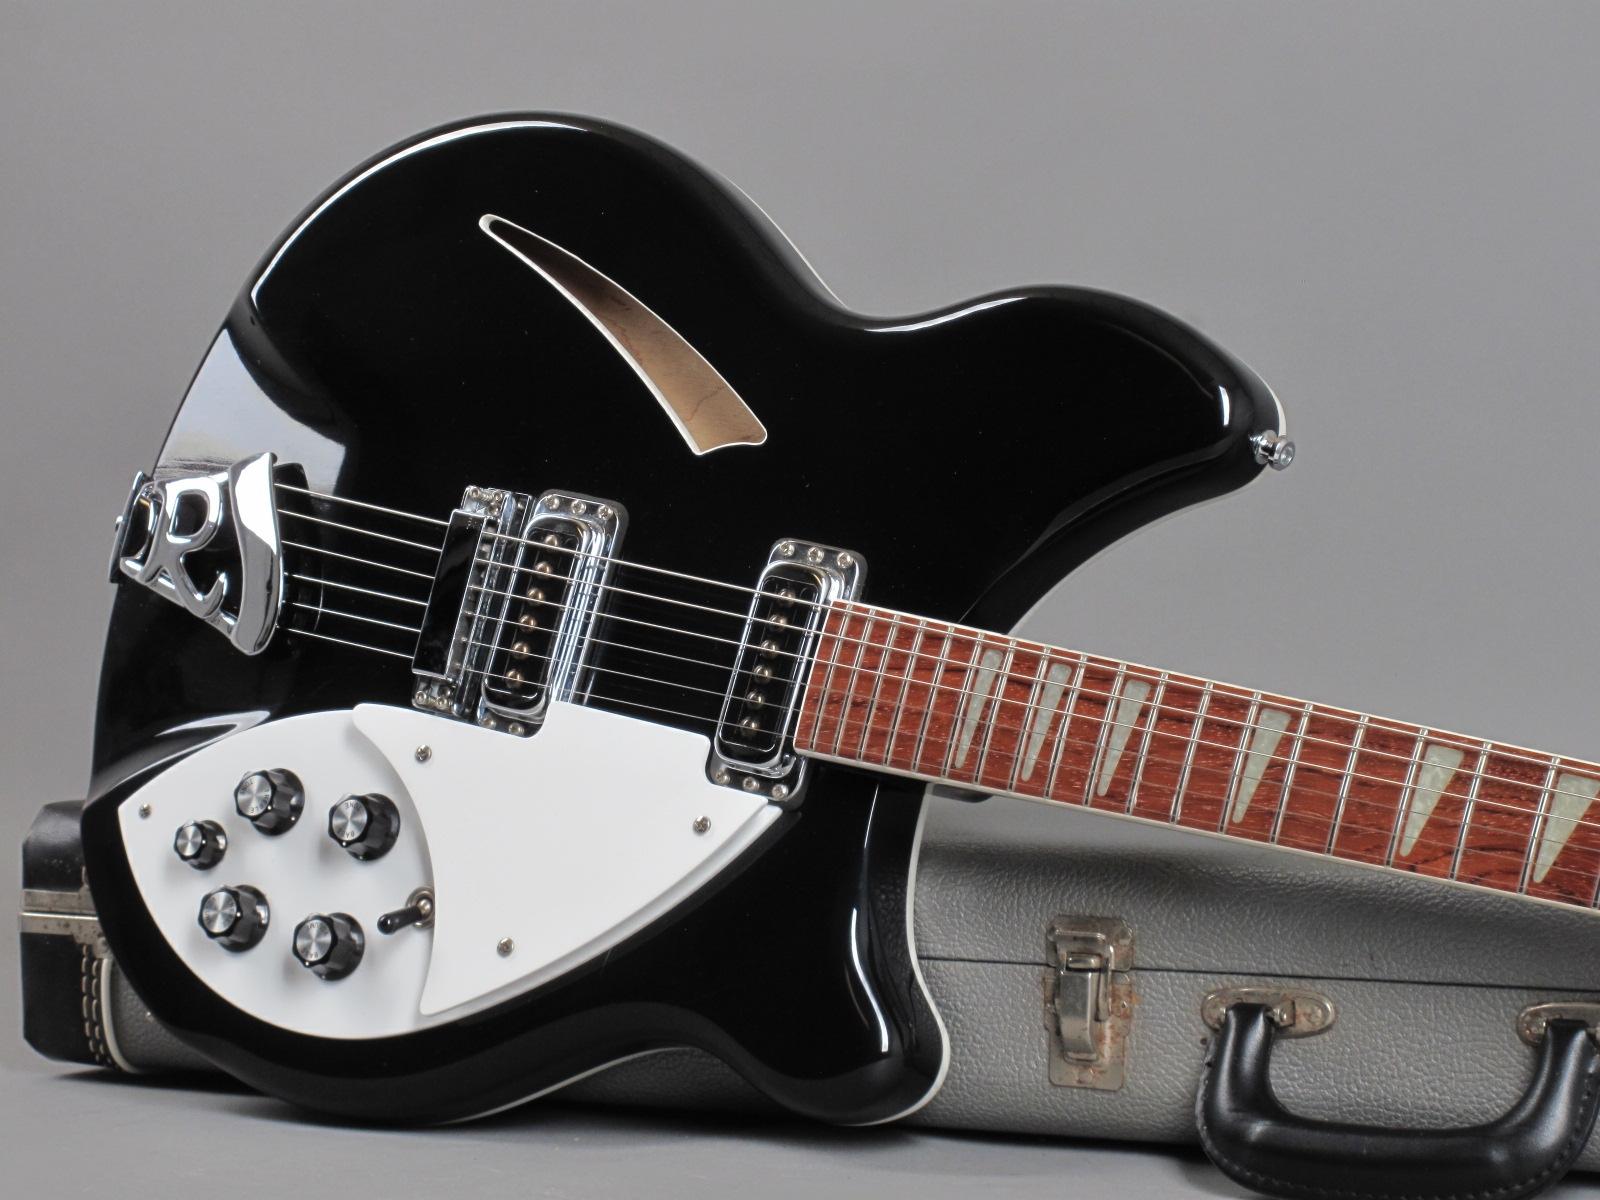 https://guitarpoint.de/app/uploads/products/1999-rickenbacker-360-jetglo/1999-Rickenbacker-360-Fireglo-99-23065_19.jpg